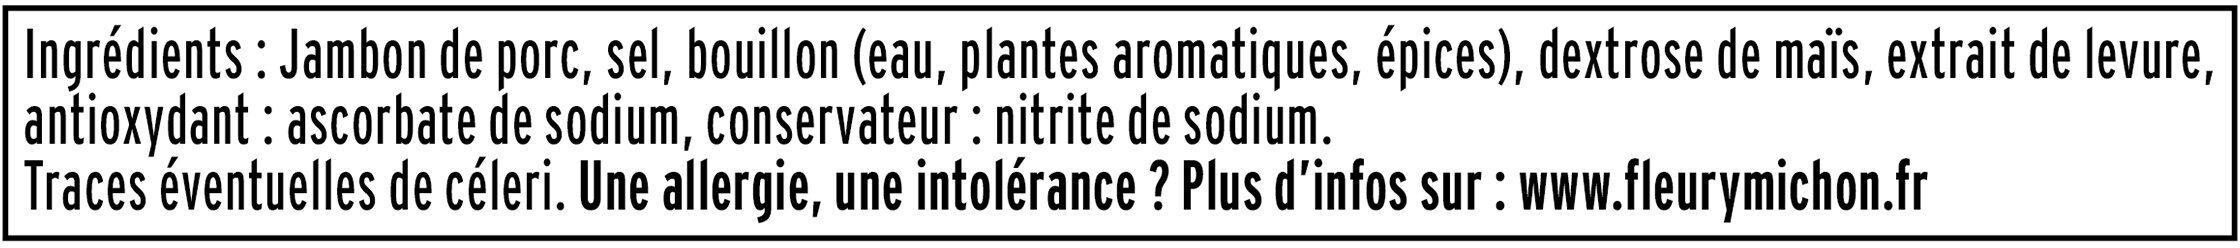 Le Tranché Fin - Dégustation - 25% de sel* - Ingrédients - fr